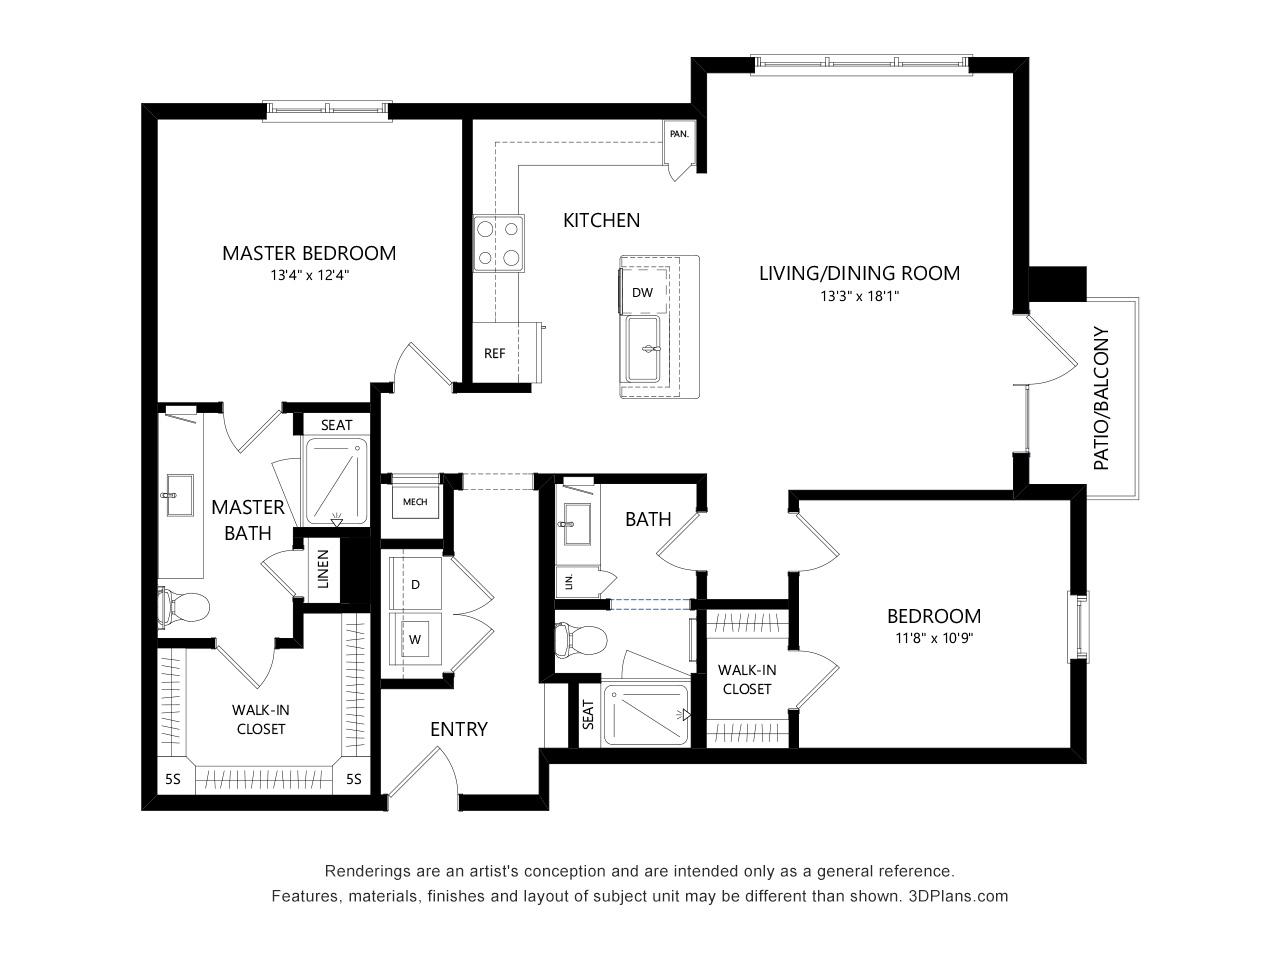 7 Black And White Floor Plans 3dplans